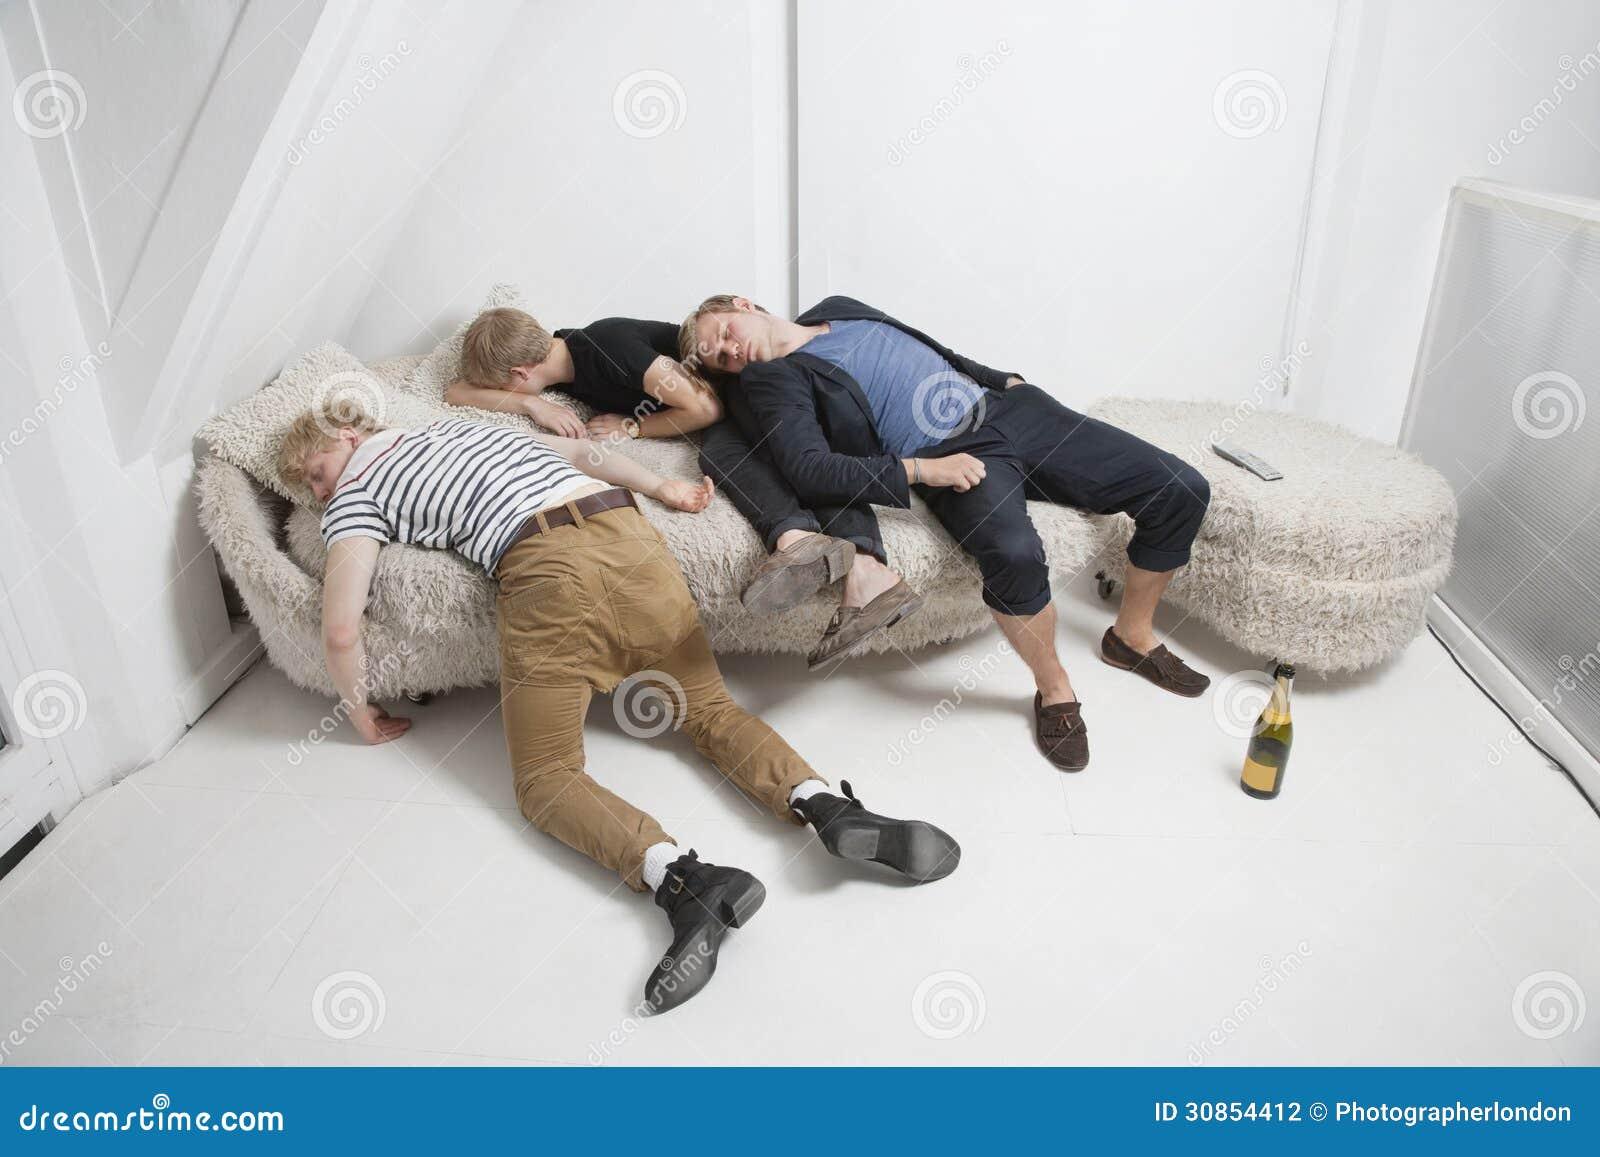 Спать ли с пьяным мужем 5 фотография